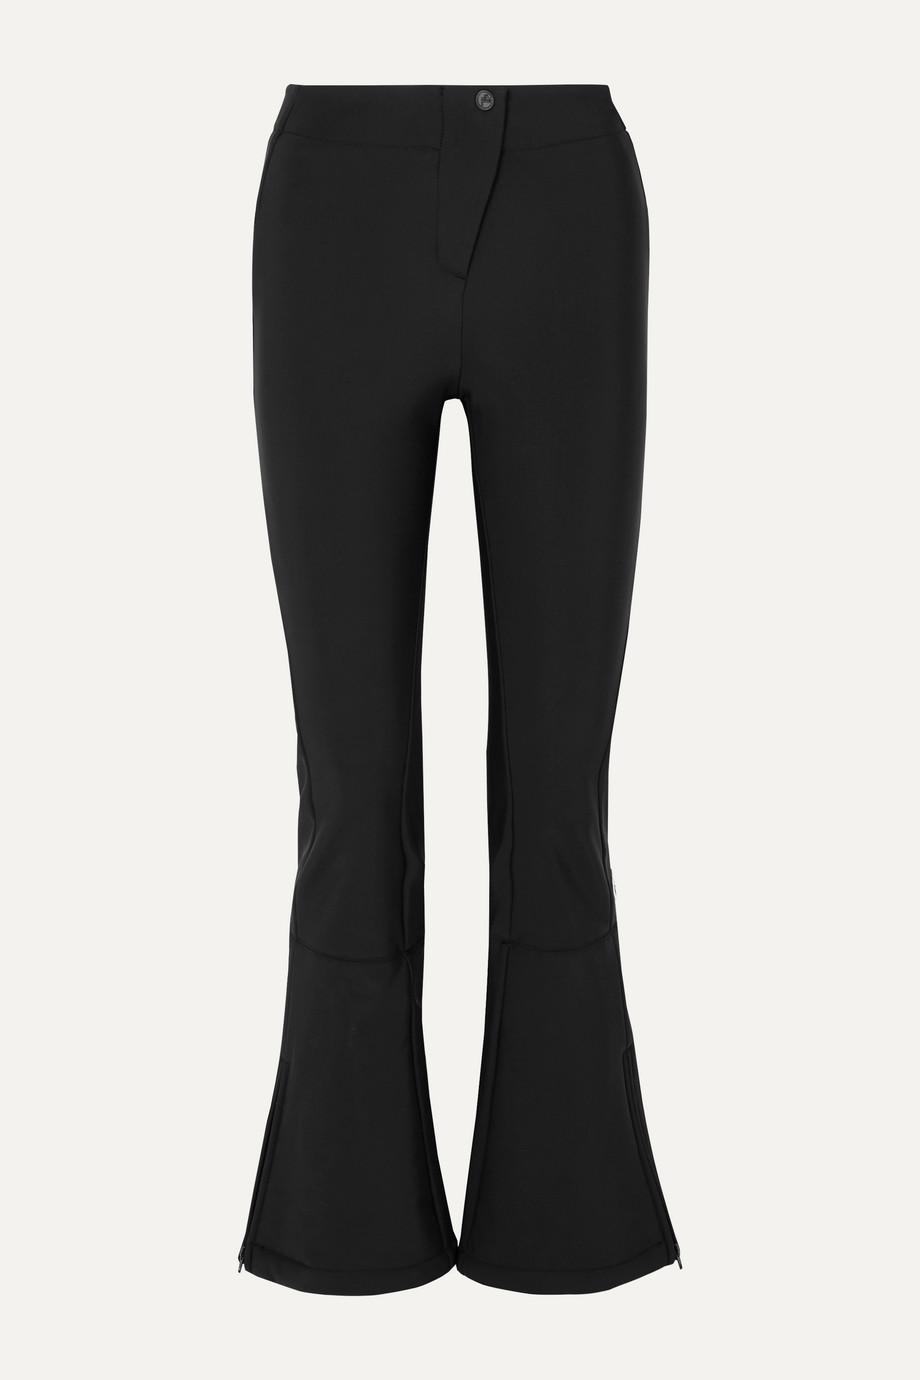 Fusalp Tipi II 喇叭滑雪裤